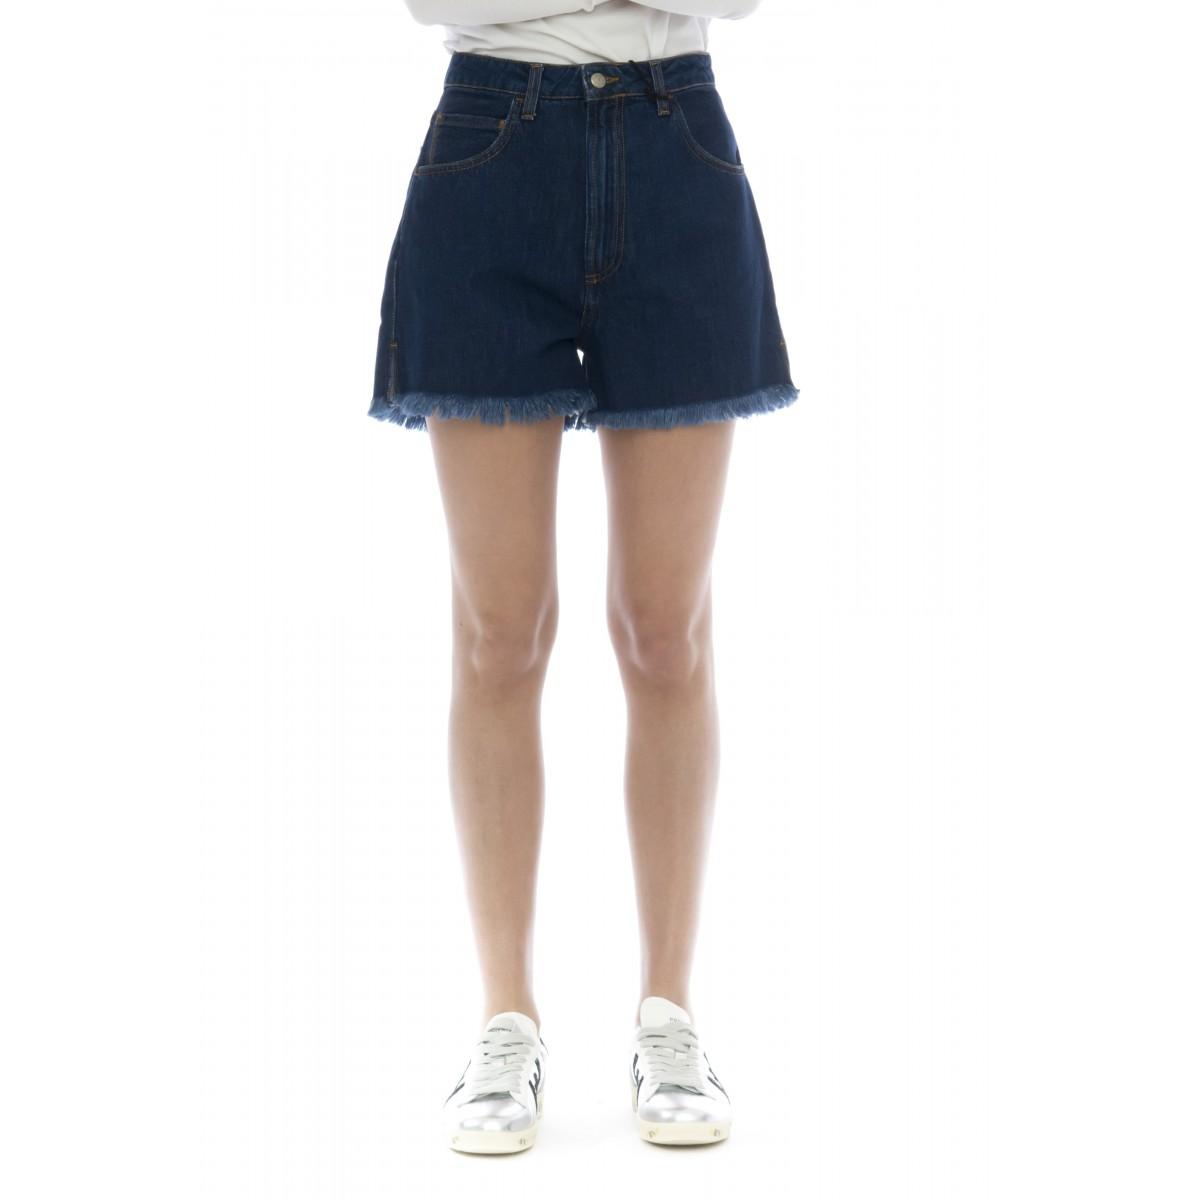 Bermuda - Girlfrends galador bermuda jeans